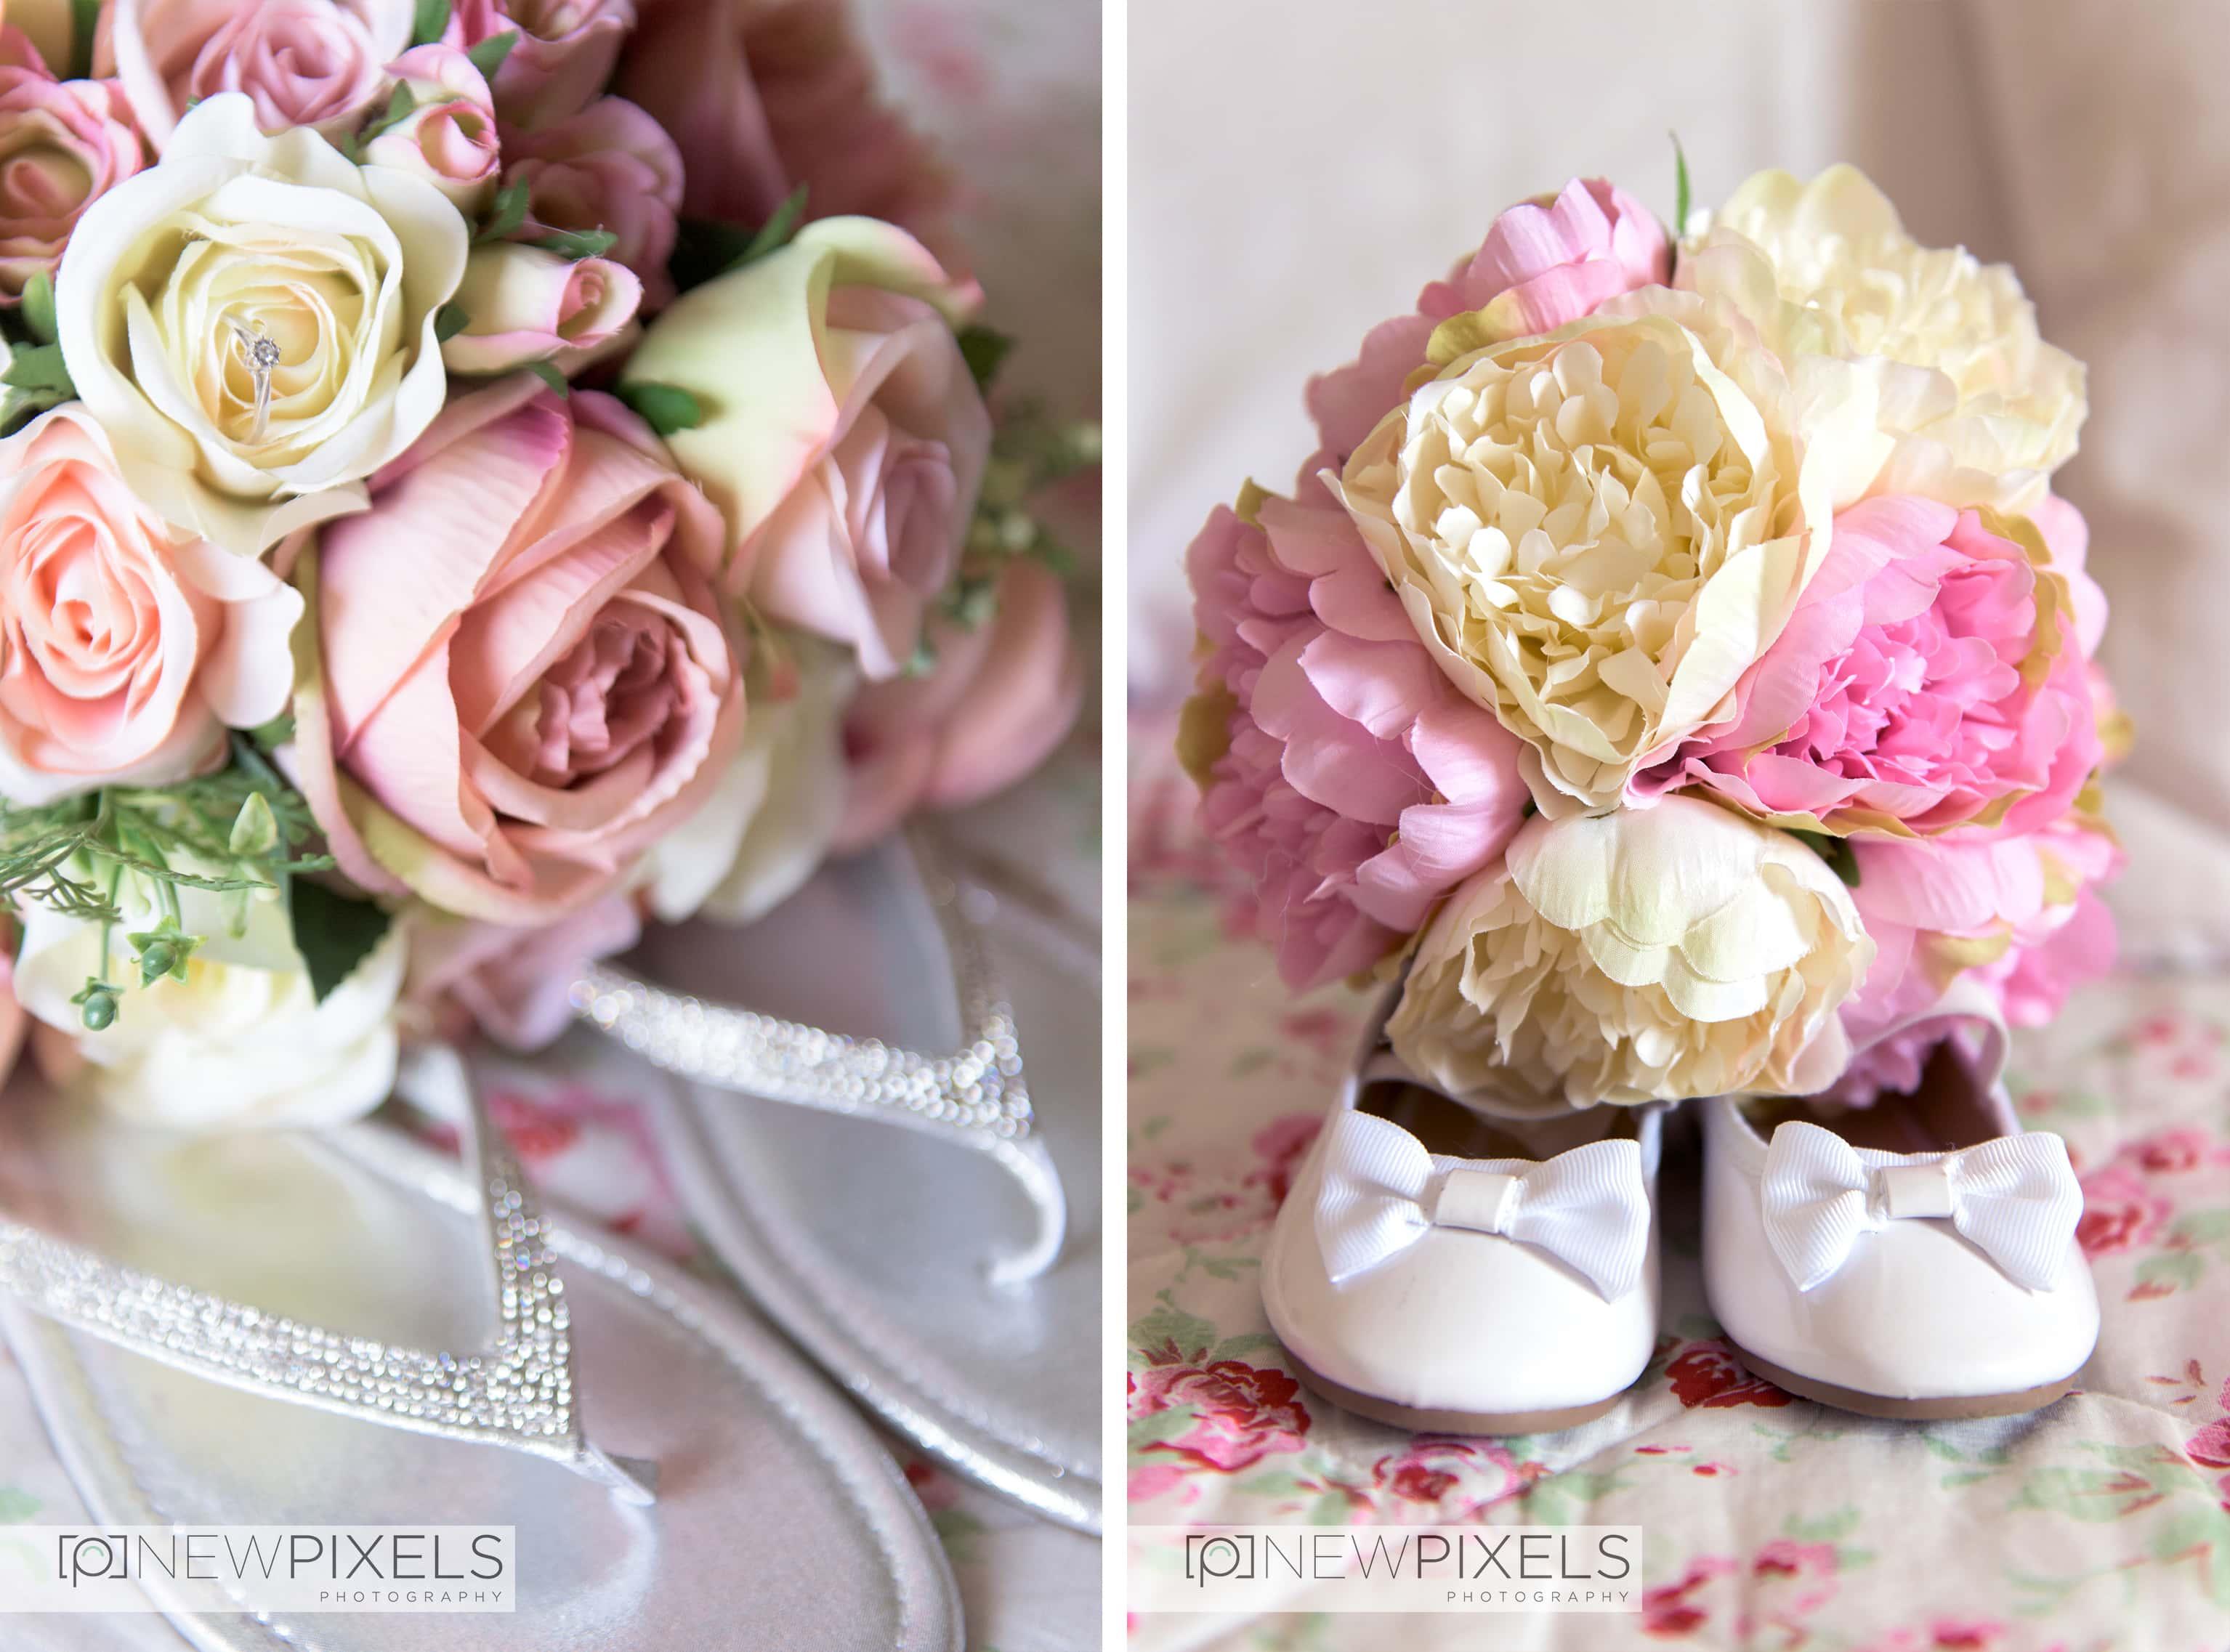 Reid_Rooms_Wedding_Photography_NewPixels